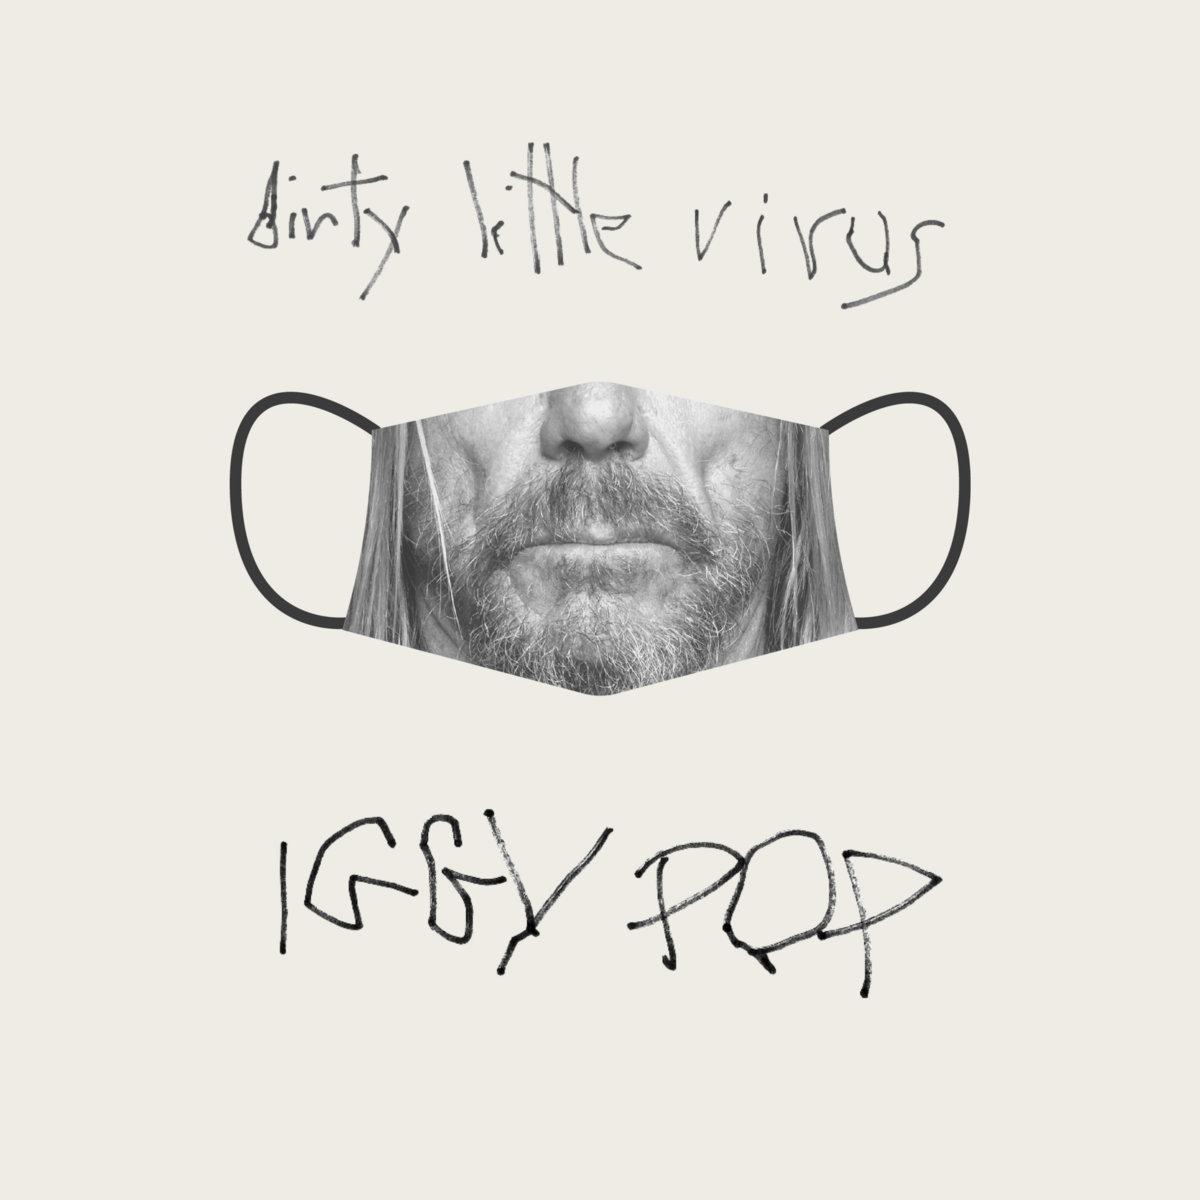 'Dirty little virus' de Iggy Pop